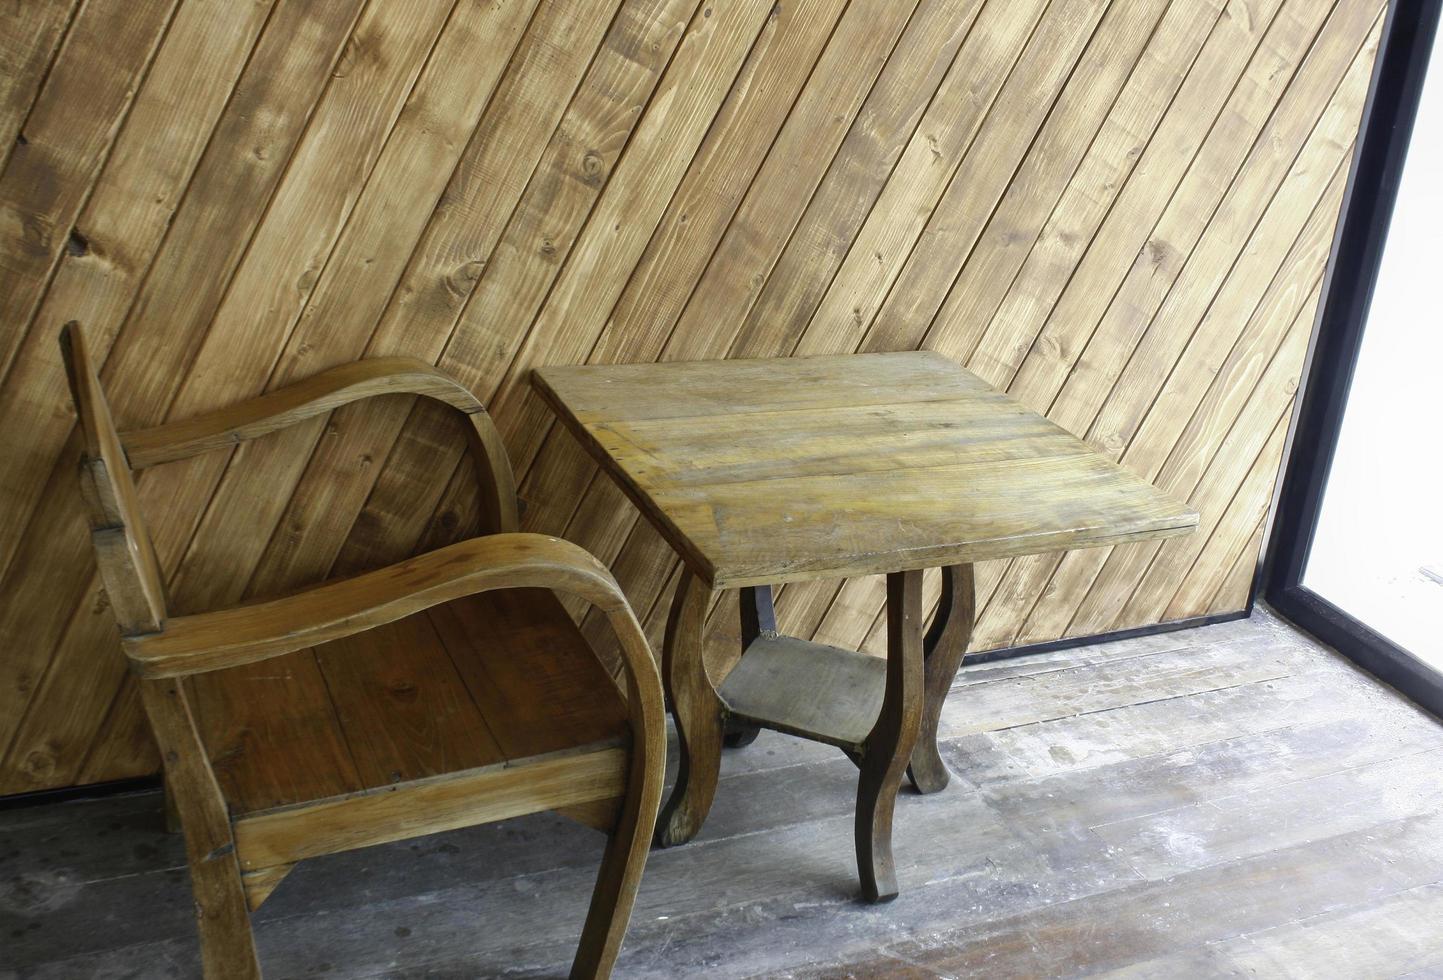 stoel en tafel bij raam foto